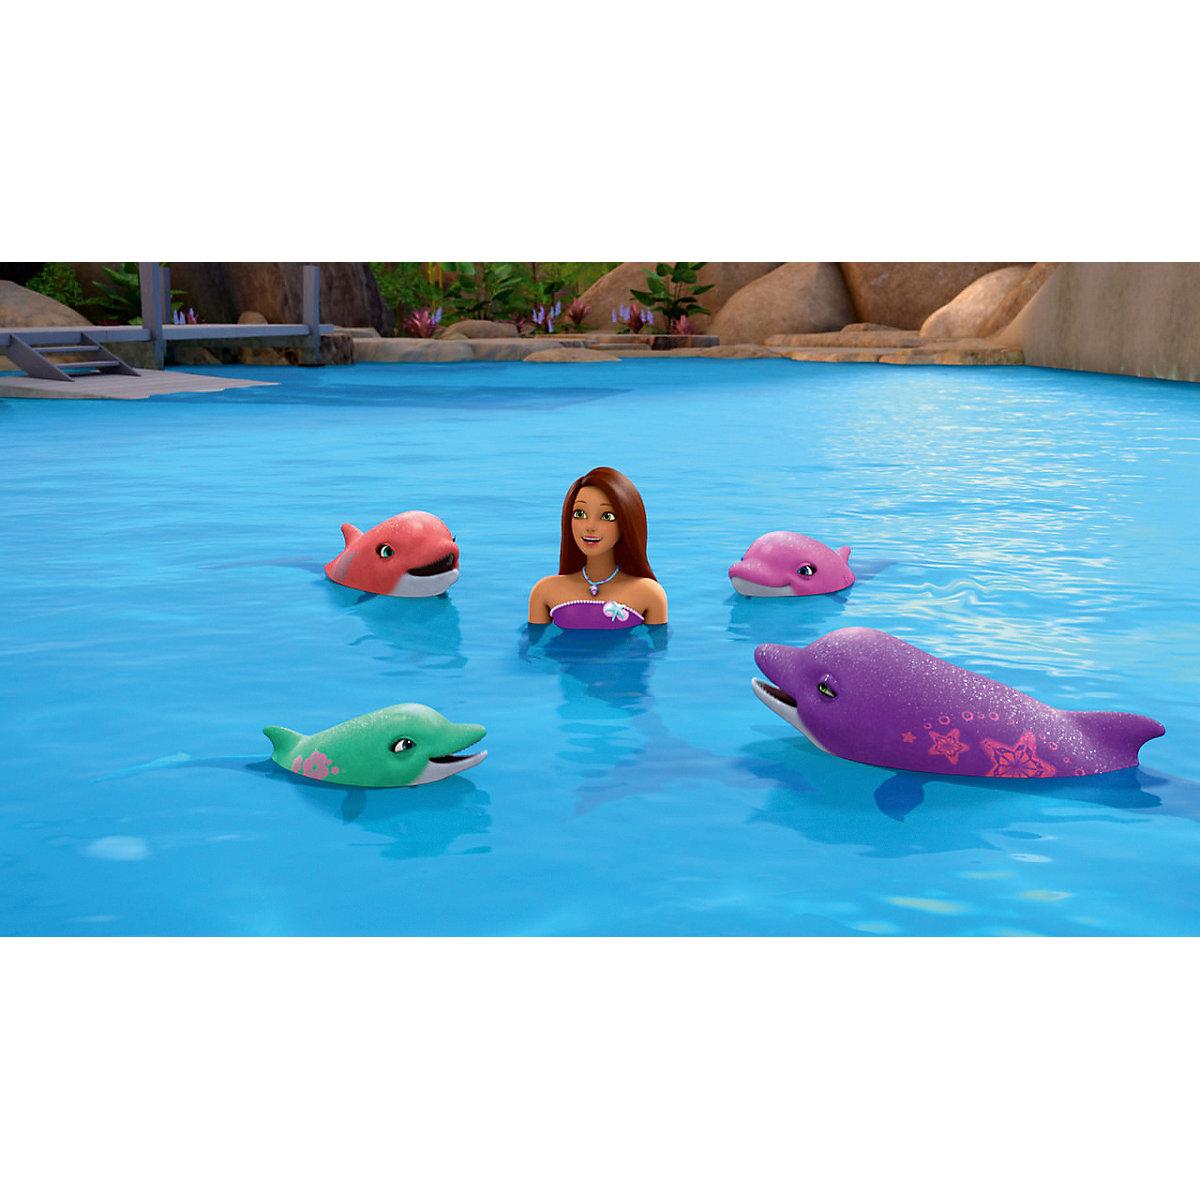 Barbie Die Magie Der Delfine Movie4k